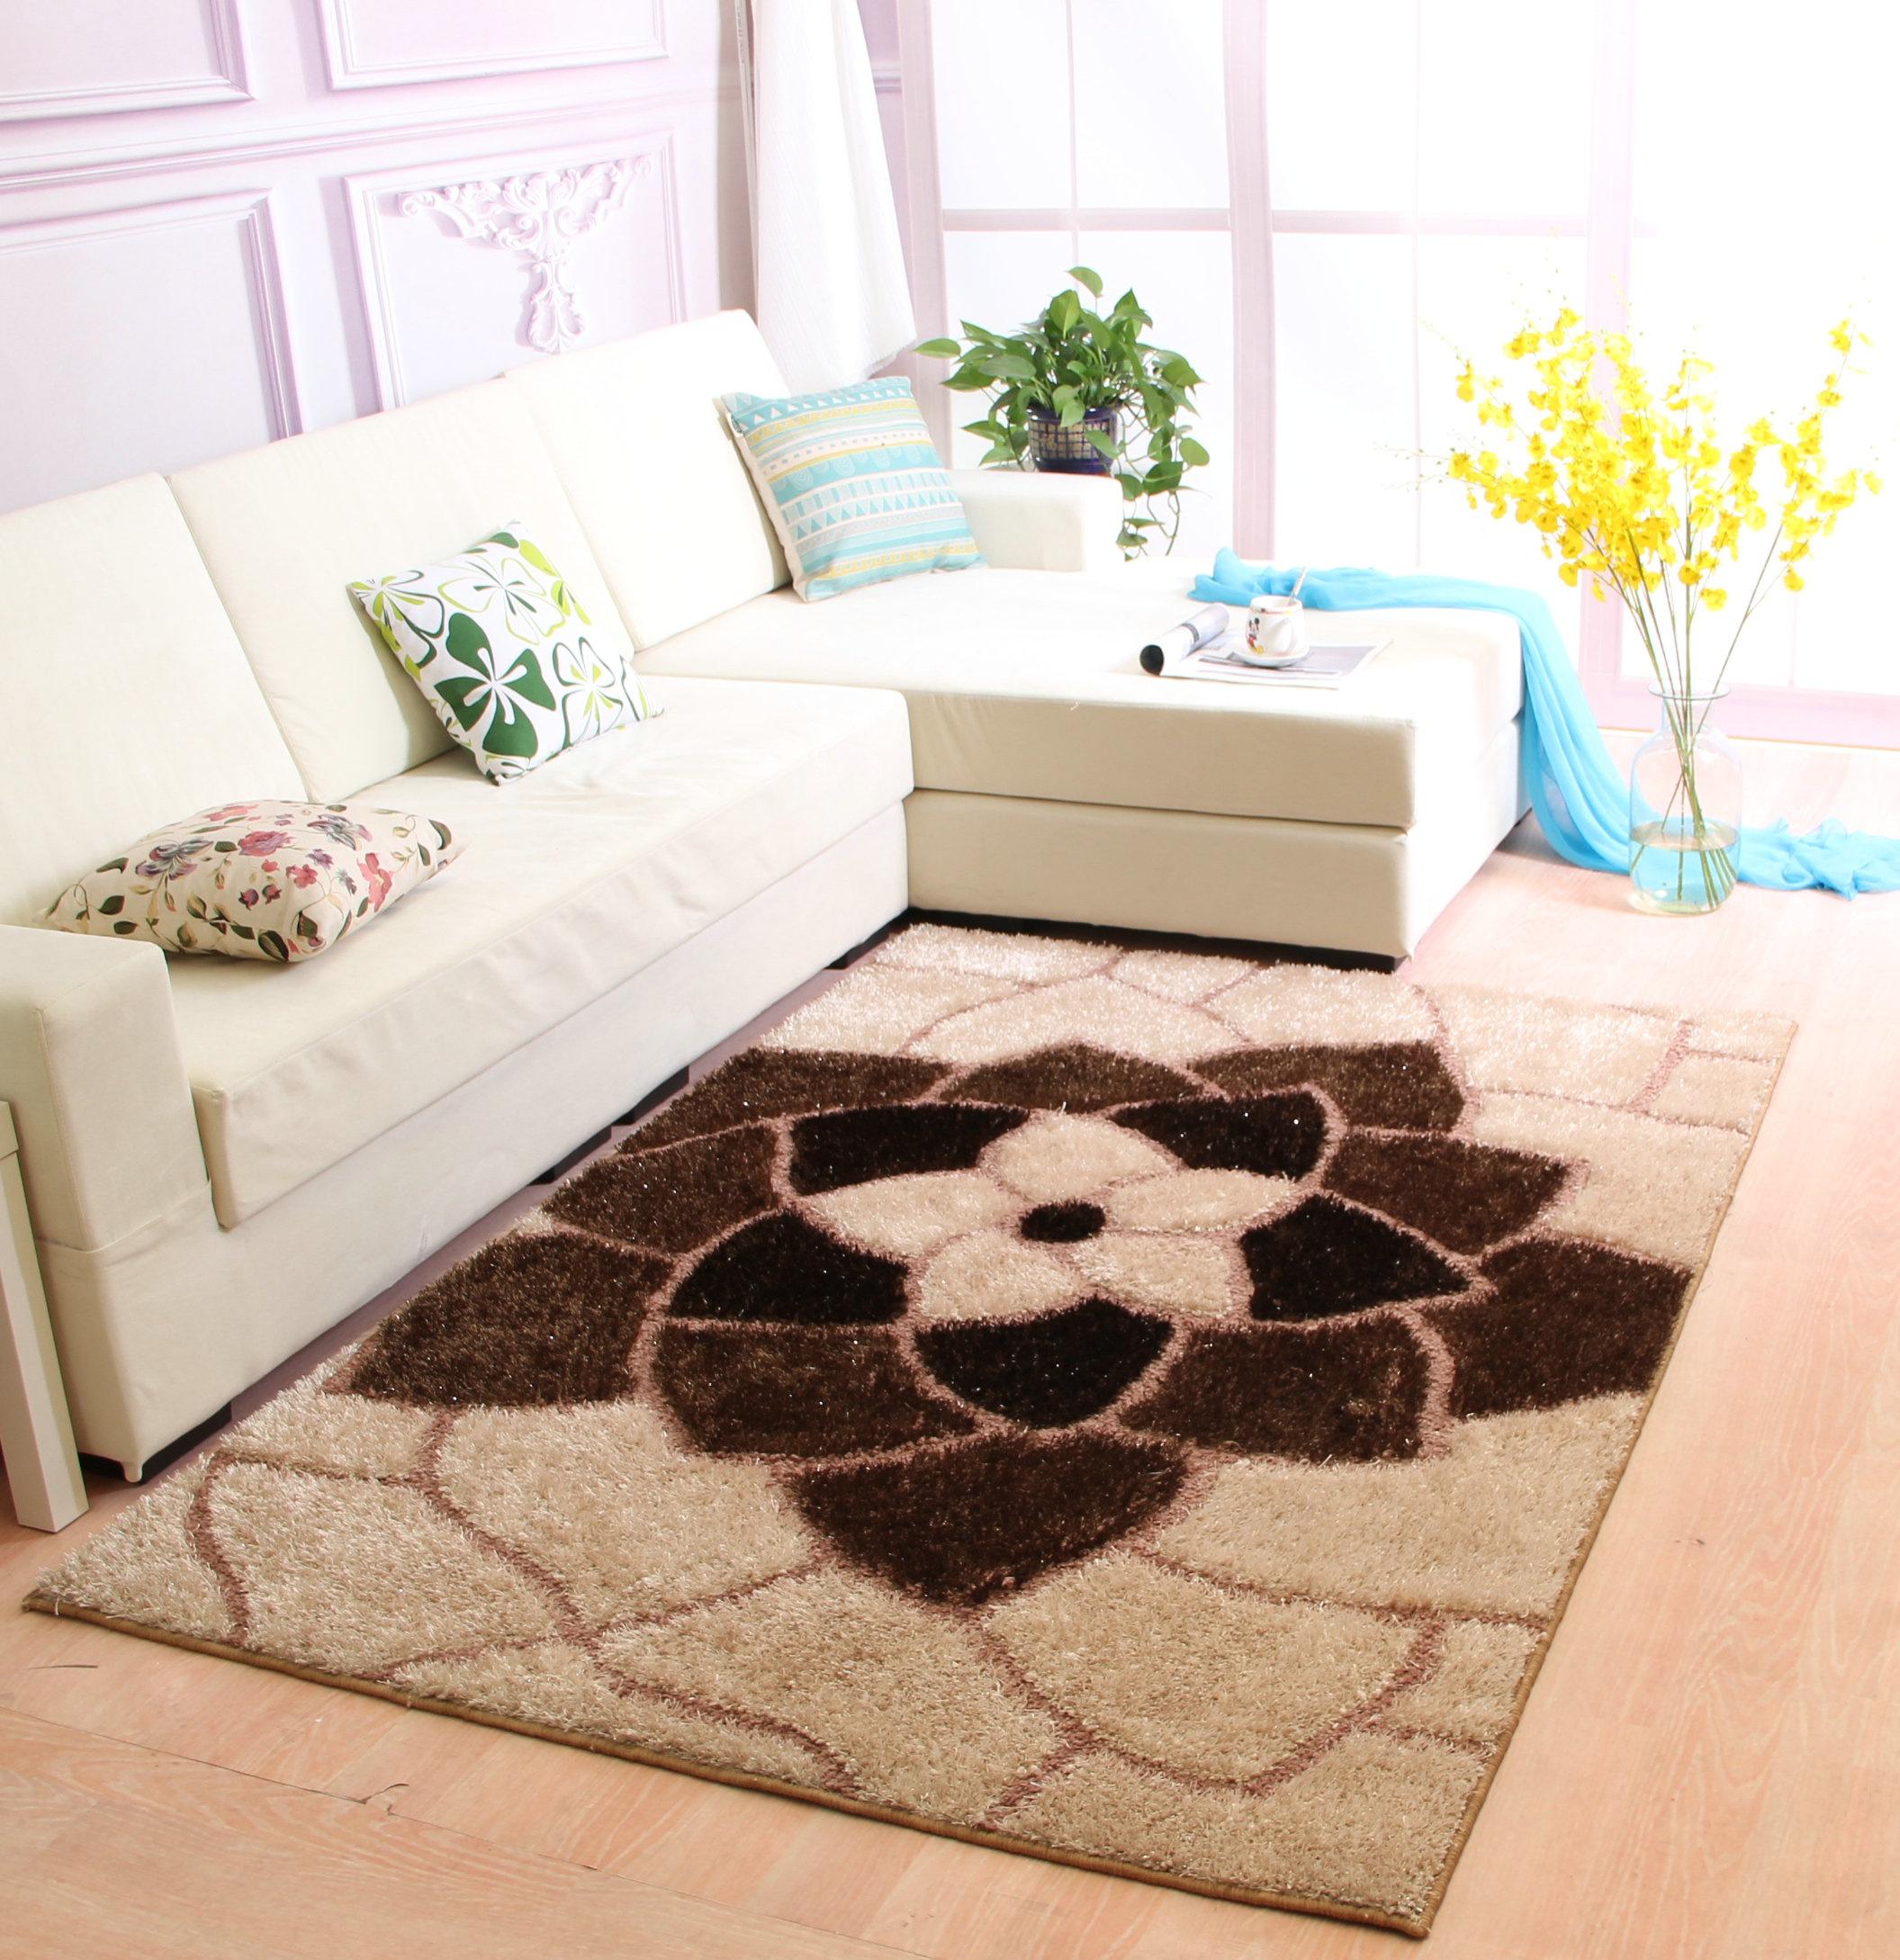 惠尔佳客厅特价沙发卧室现代欧式简约韩国丝地毯茶几床边满铺图案